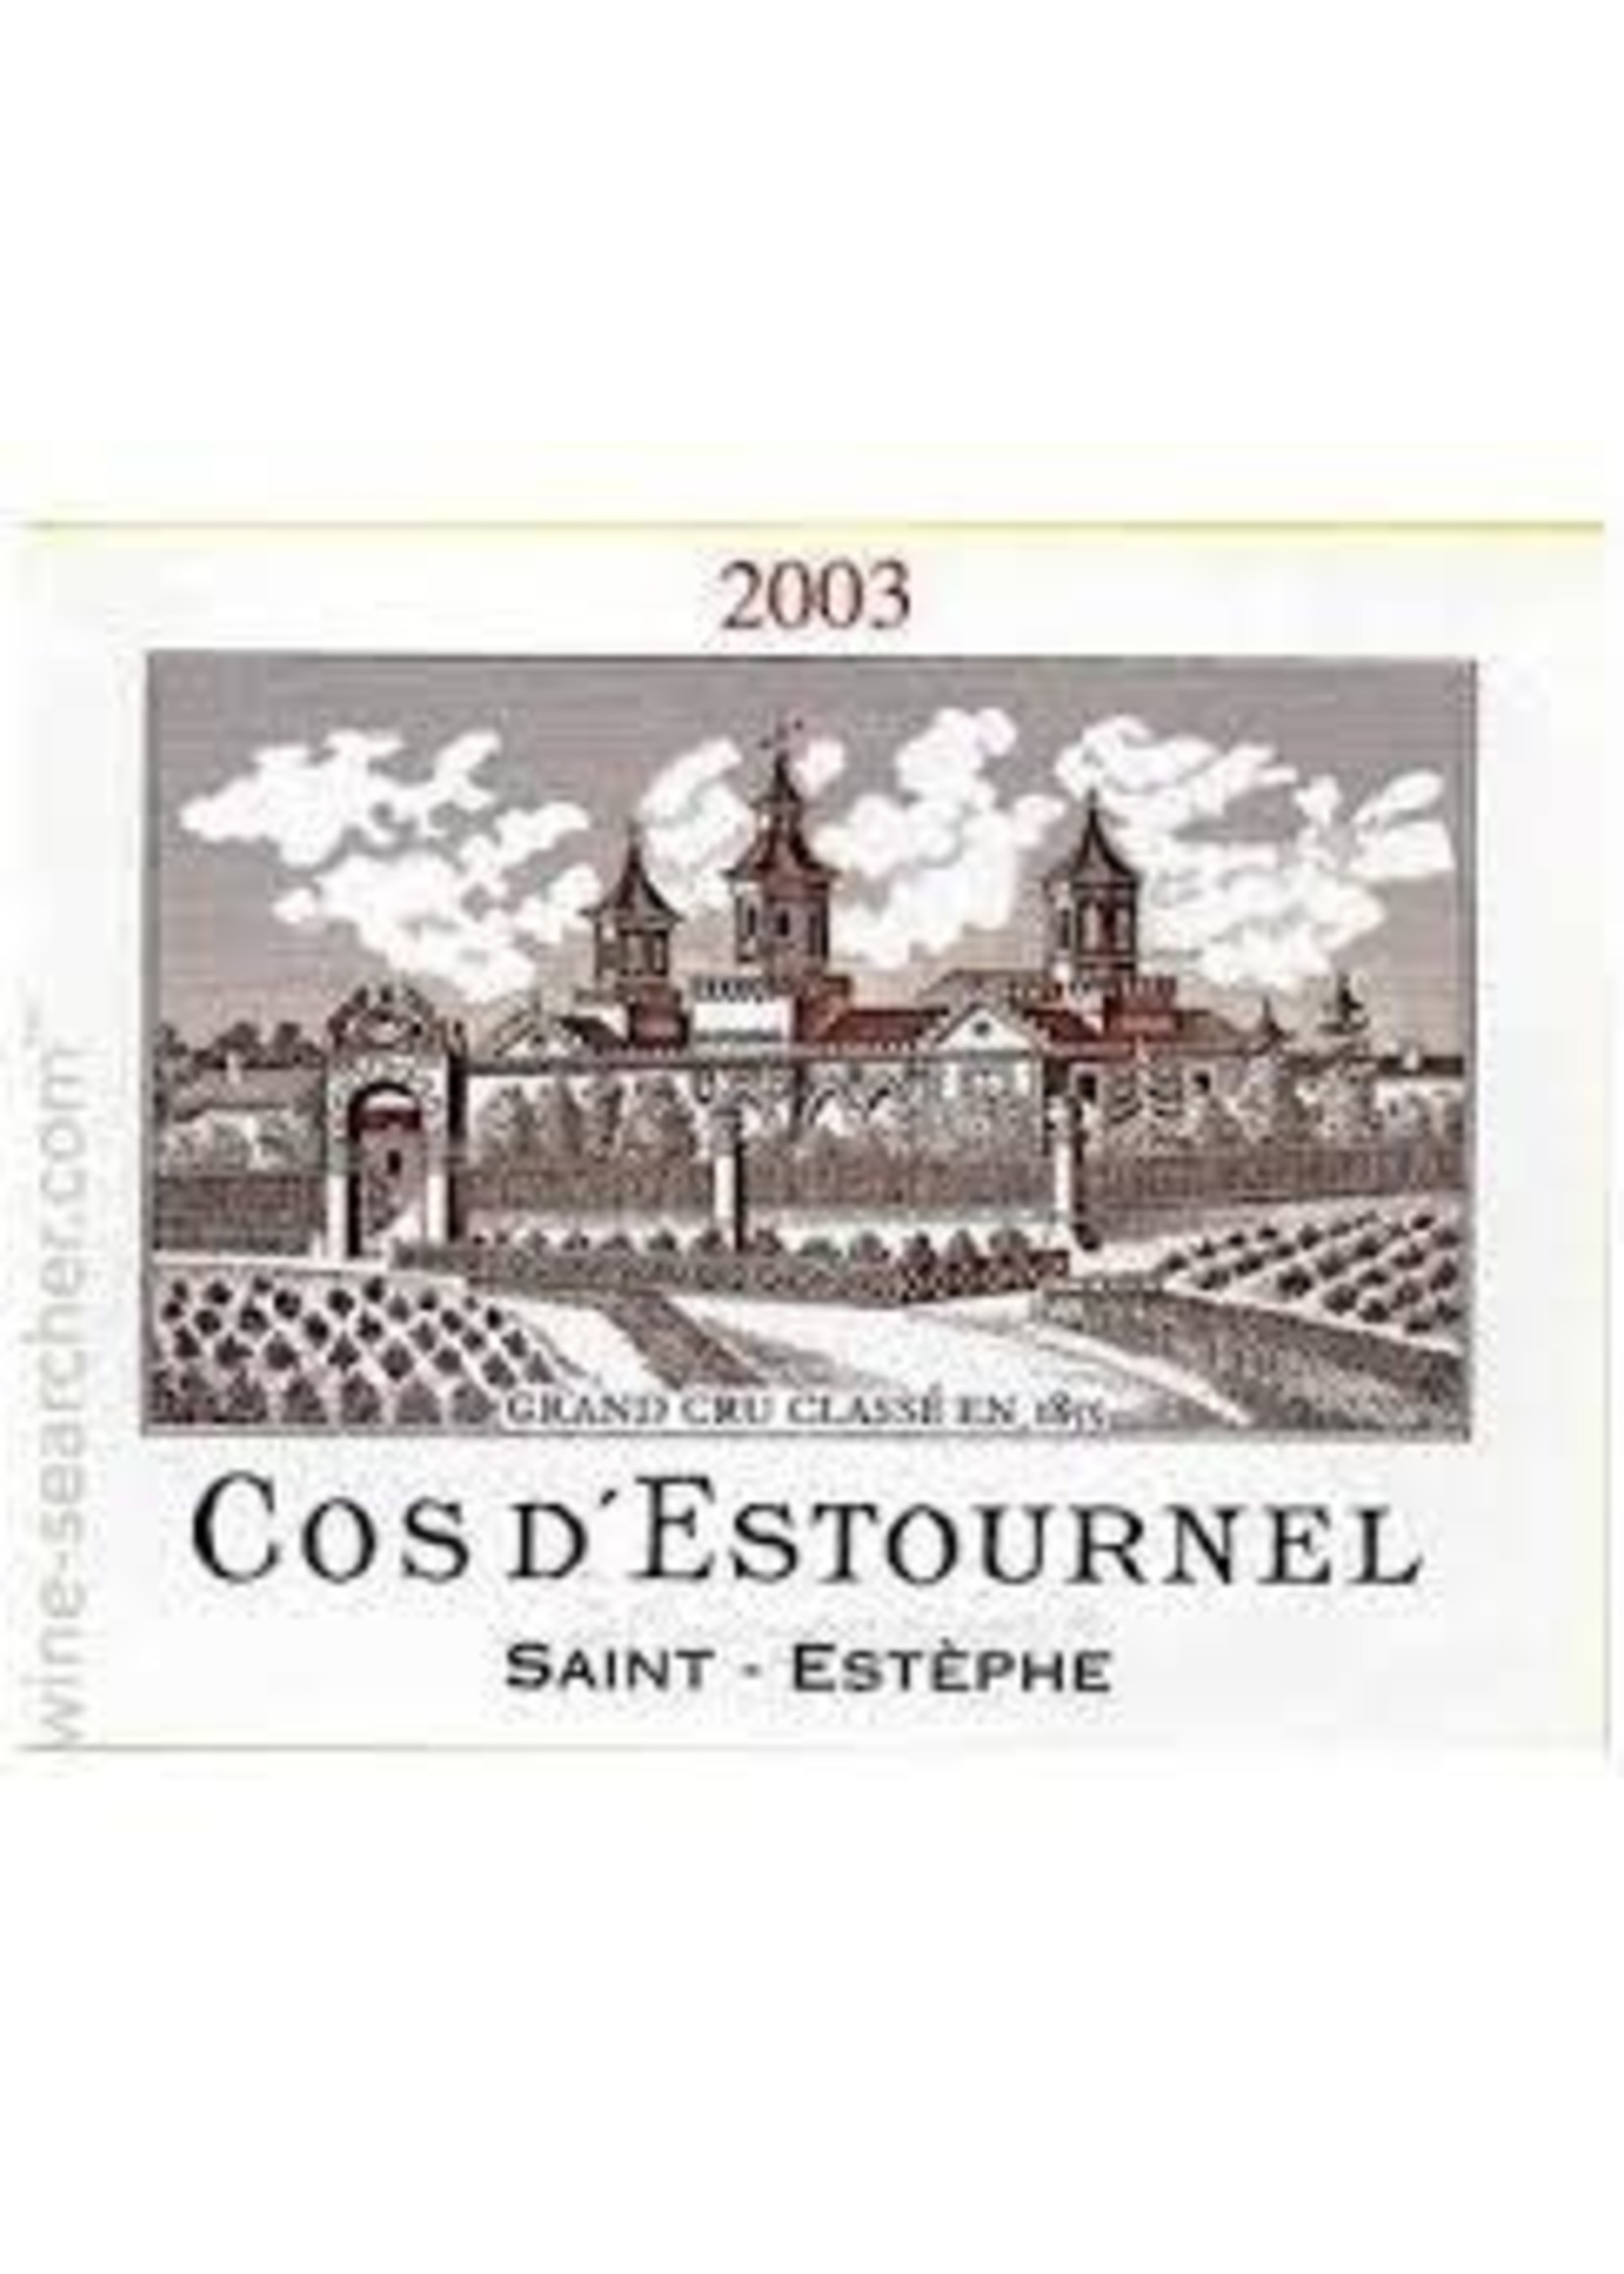 Chateau Cos d'Estournel 2003 St. Estephe 1.5L [PRE-ARRIVAL]